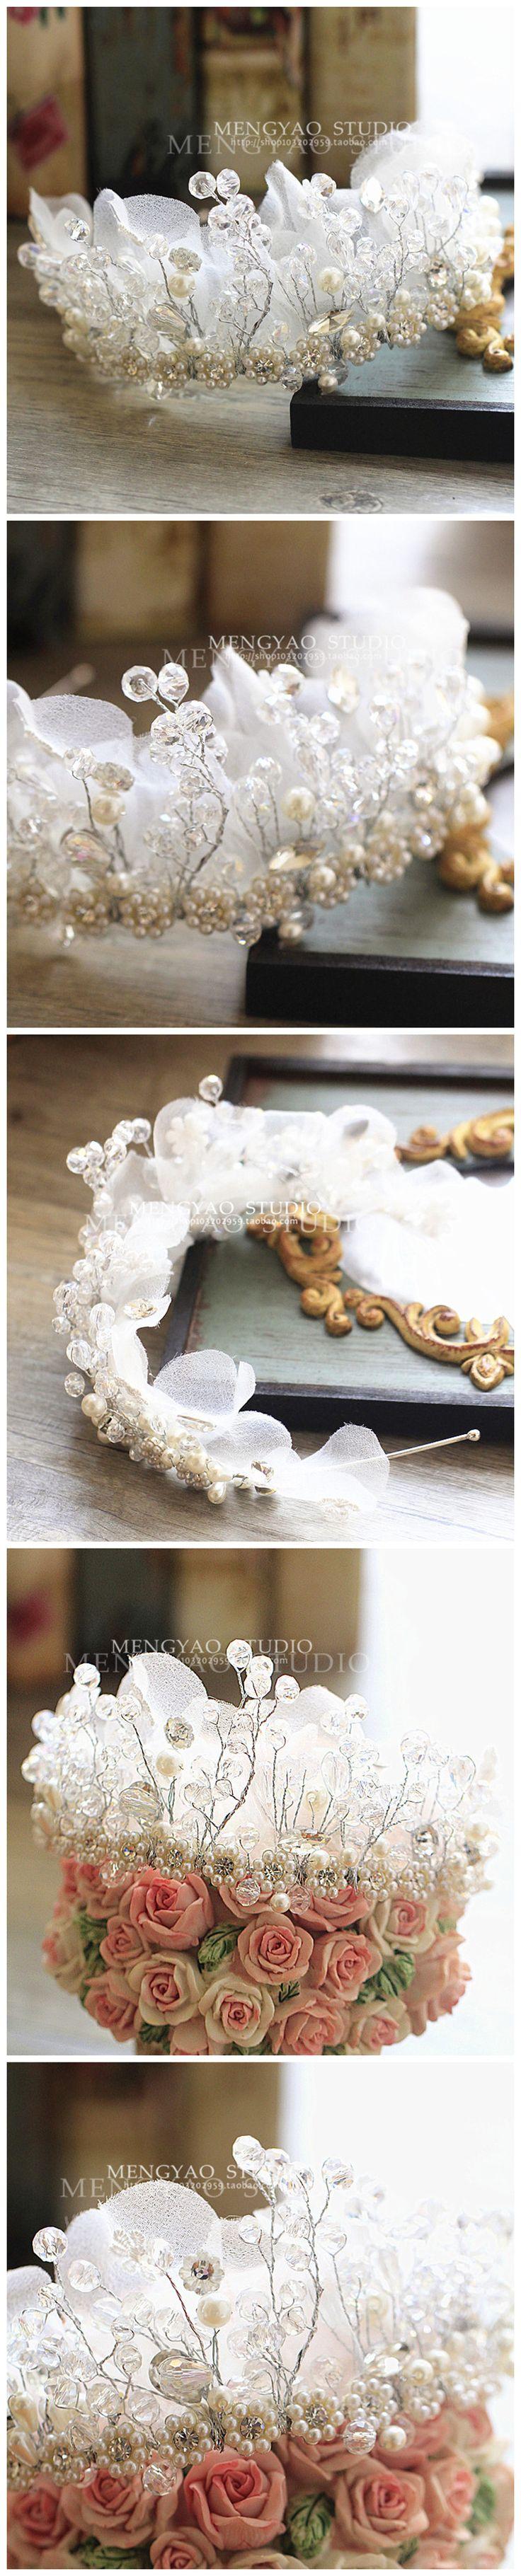 Корейские невесты корону украшения для волос ручной работы из бисера кристалл голову цветок головной убор повязка на лбу свадебное платье, короткие аксессуары для волос - Taobao